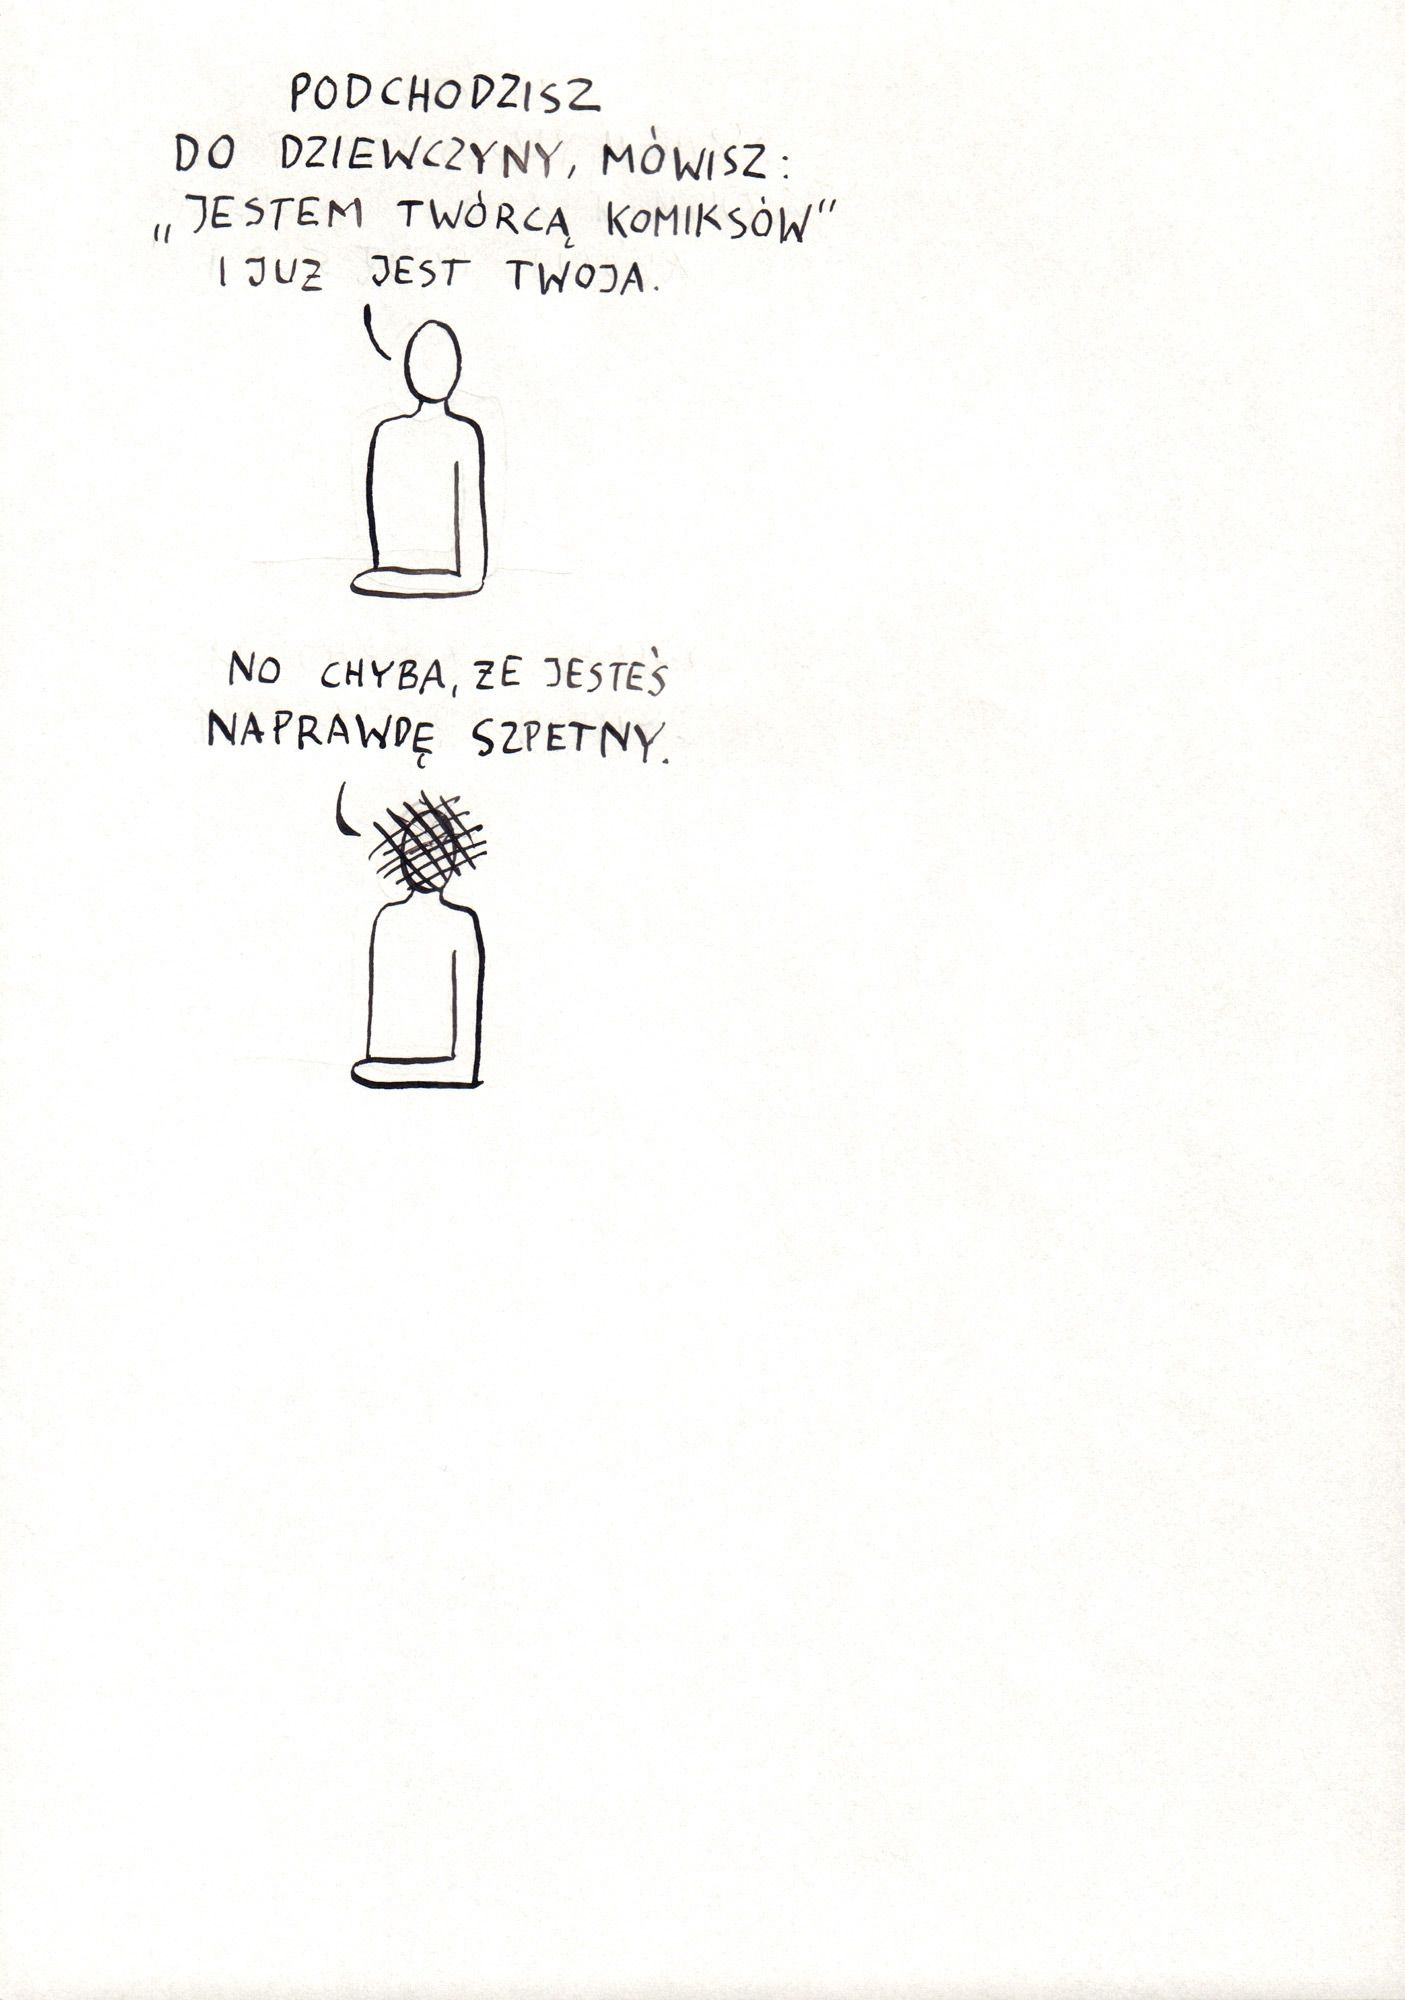 Podchodzisz do dziewczyny, ZK, s. 7